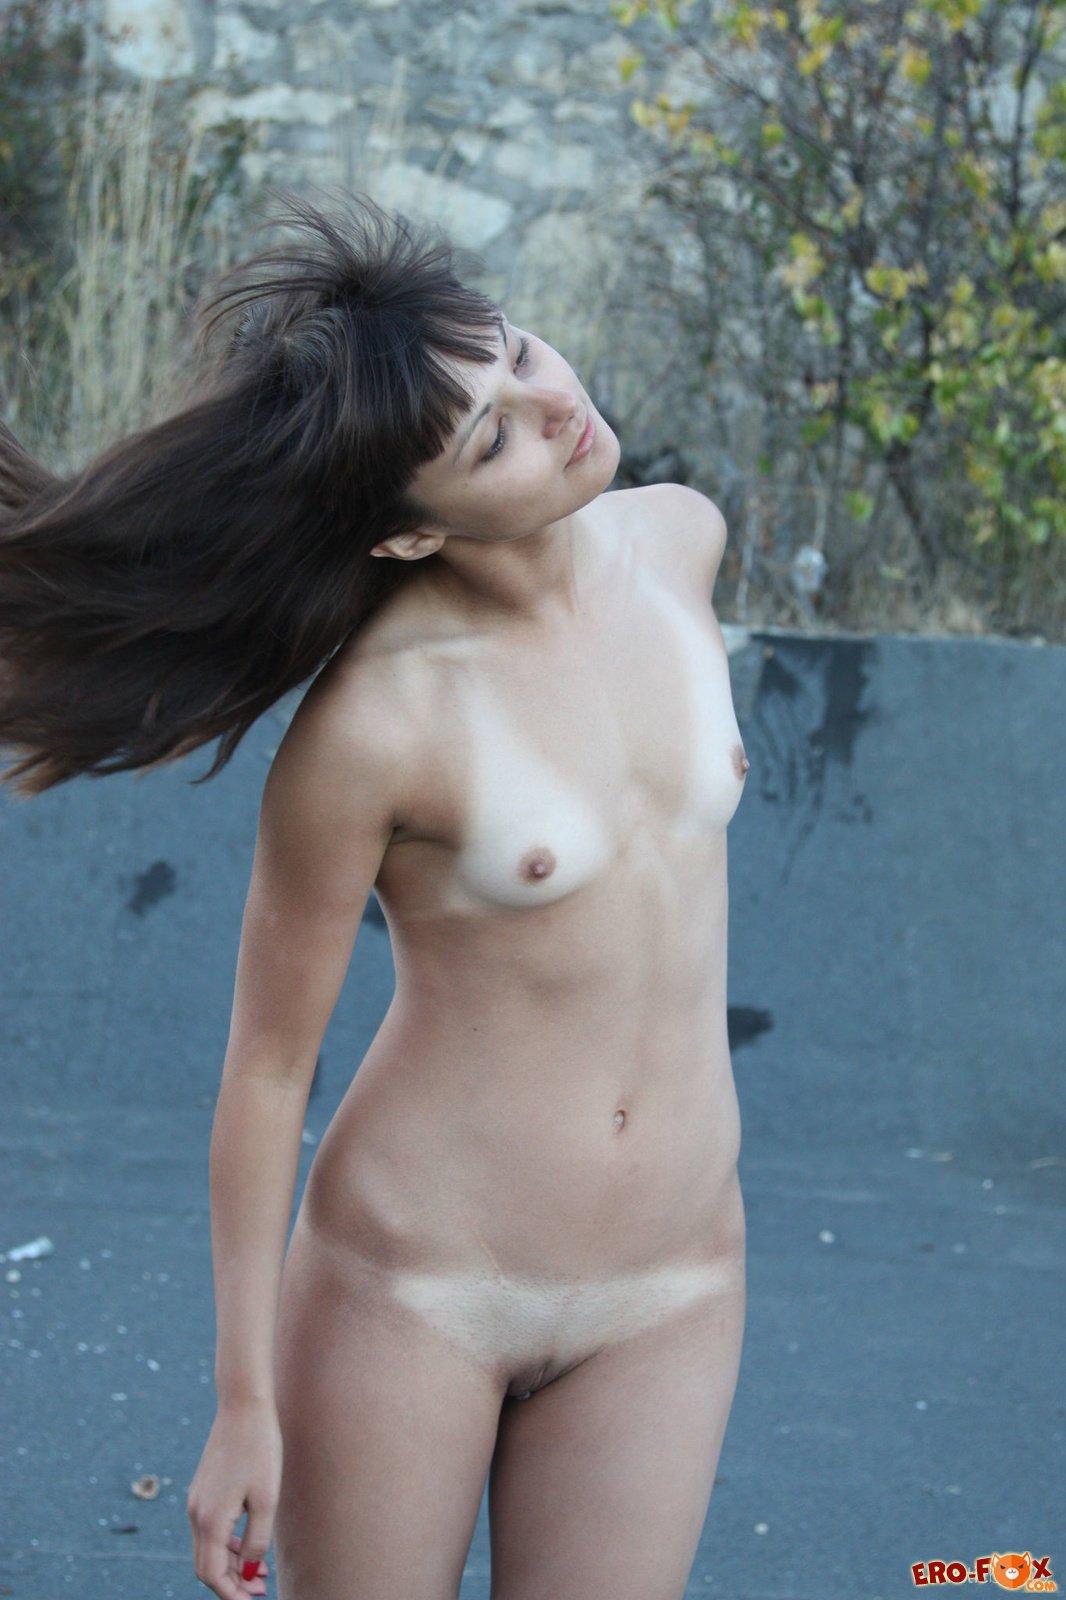 Худенькая брюнетка с маленькой грудью